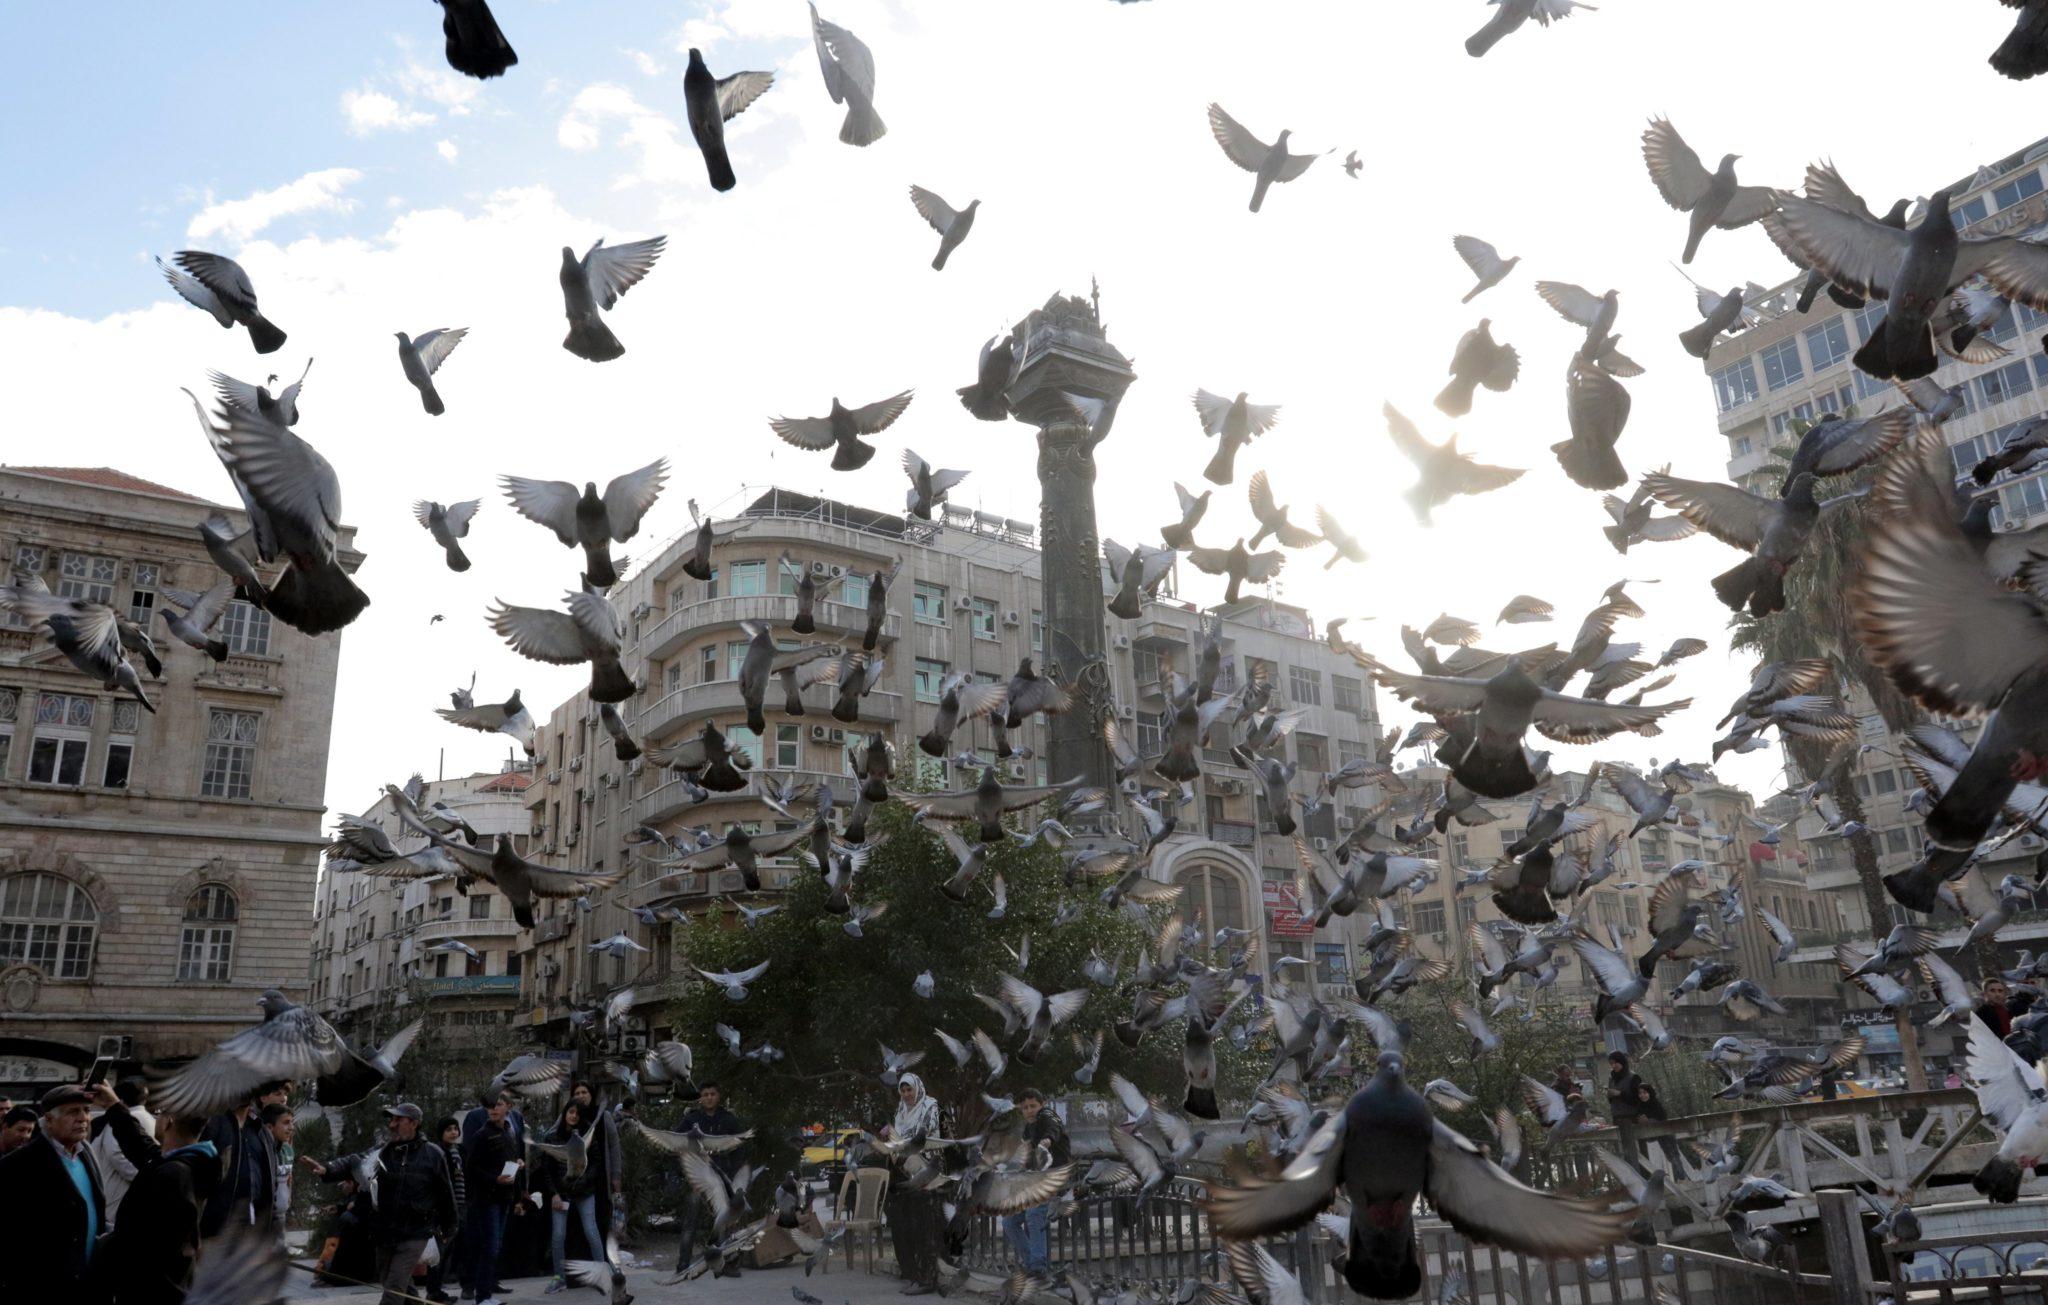 Syria, Damaszek: W trwających nalotach syryjskich sił rządowych na Wschodnią Gutę zginęło we wtorek 49 osób - poinformowało Syryjskie Obserwatorium Praw Człowieka z siedzibą w Londynie. W poniedziałek ataki spowodowały śmierć 127 cywilów, w tym co najmniej 20 dzieci, fot: Youssef Badawi, PAP/EPA